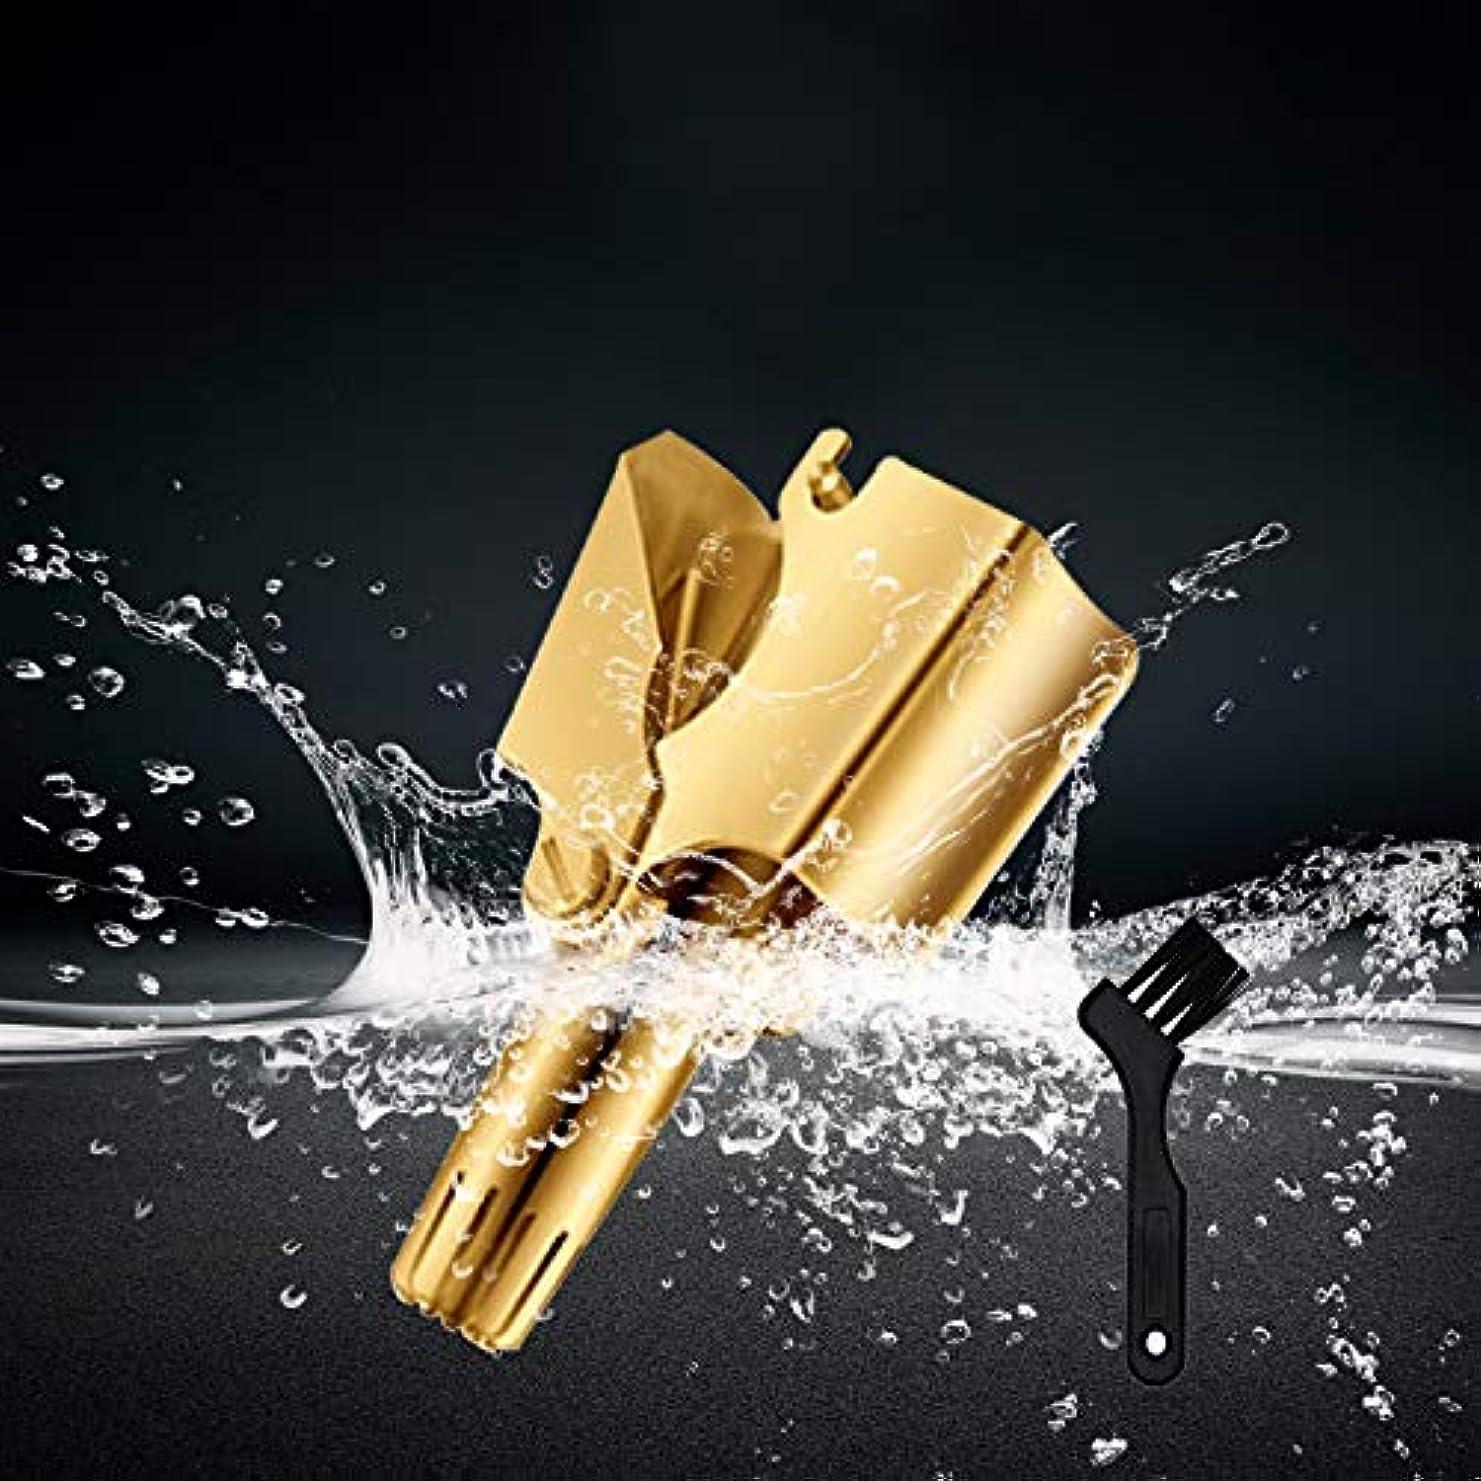 ステンレス鋼の携帯用手動鼻及び耳の毛のトリマー、クリーニングブラシが付いている洗える鼻の毛の取り外し (Color : Gold)